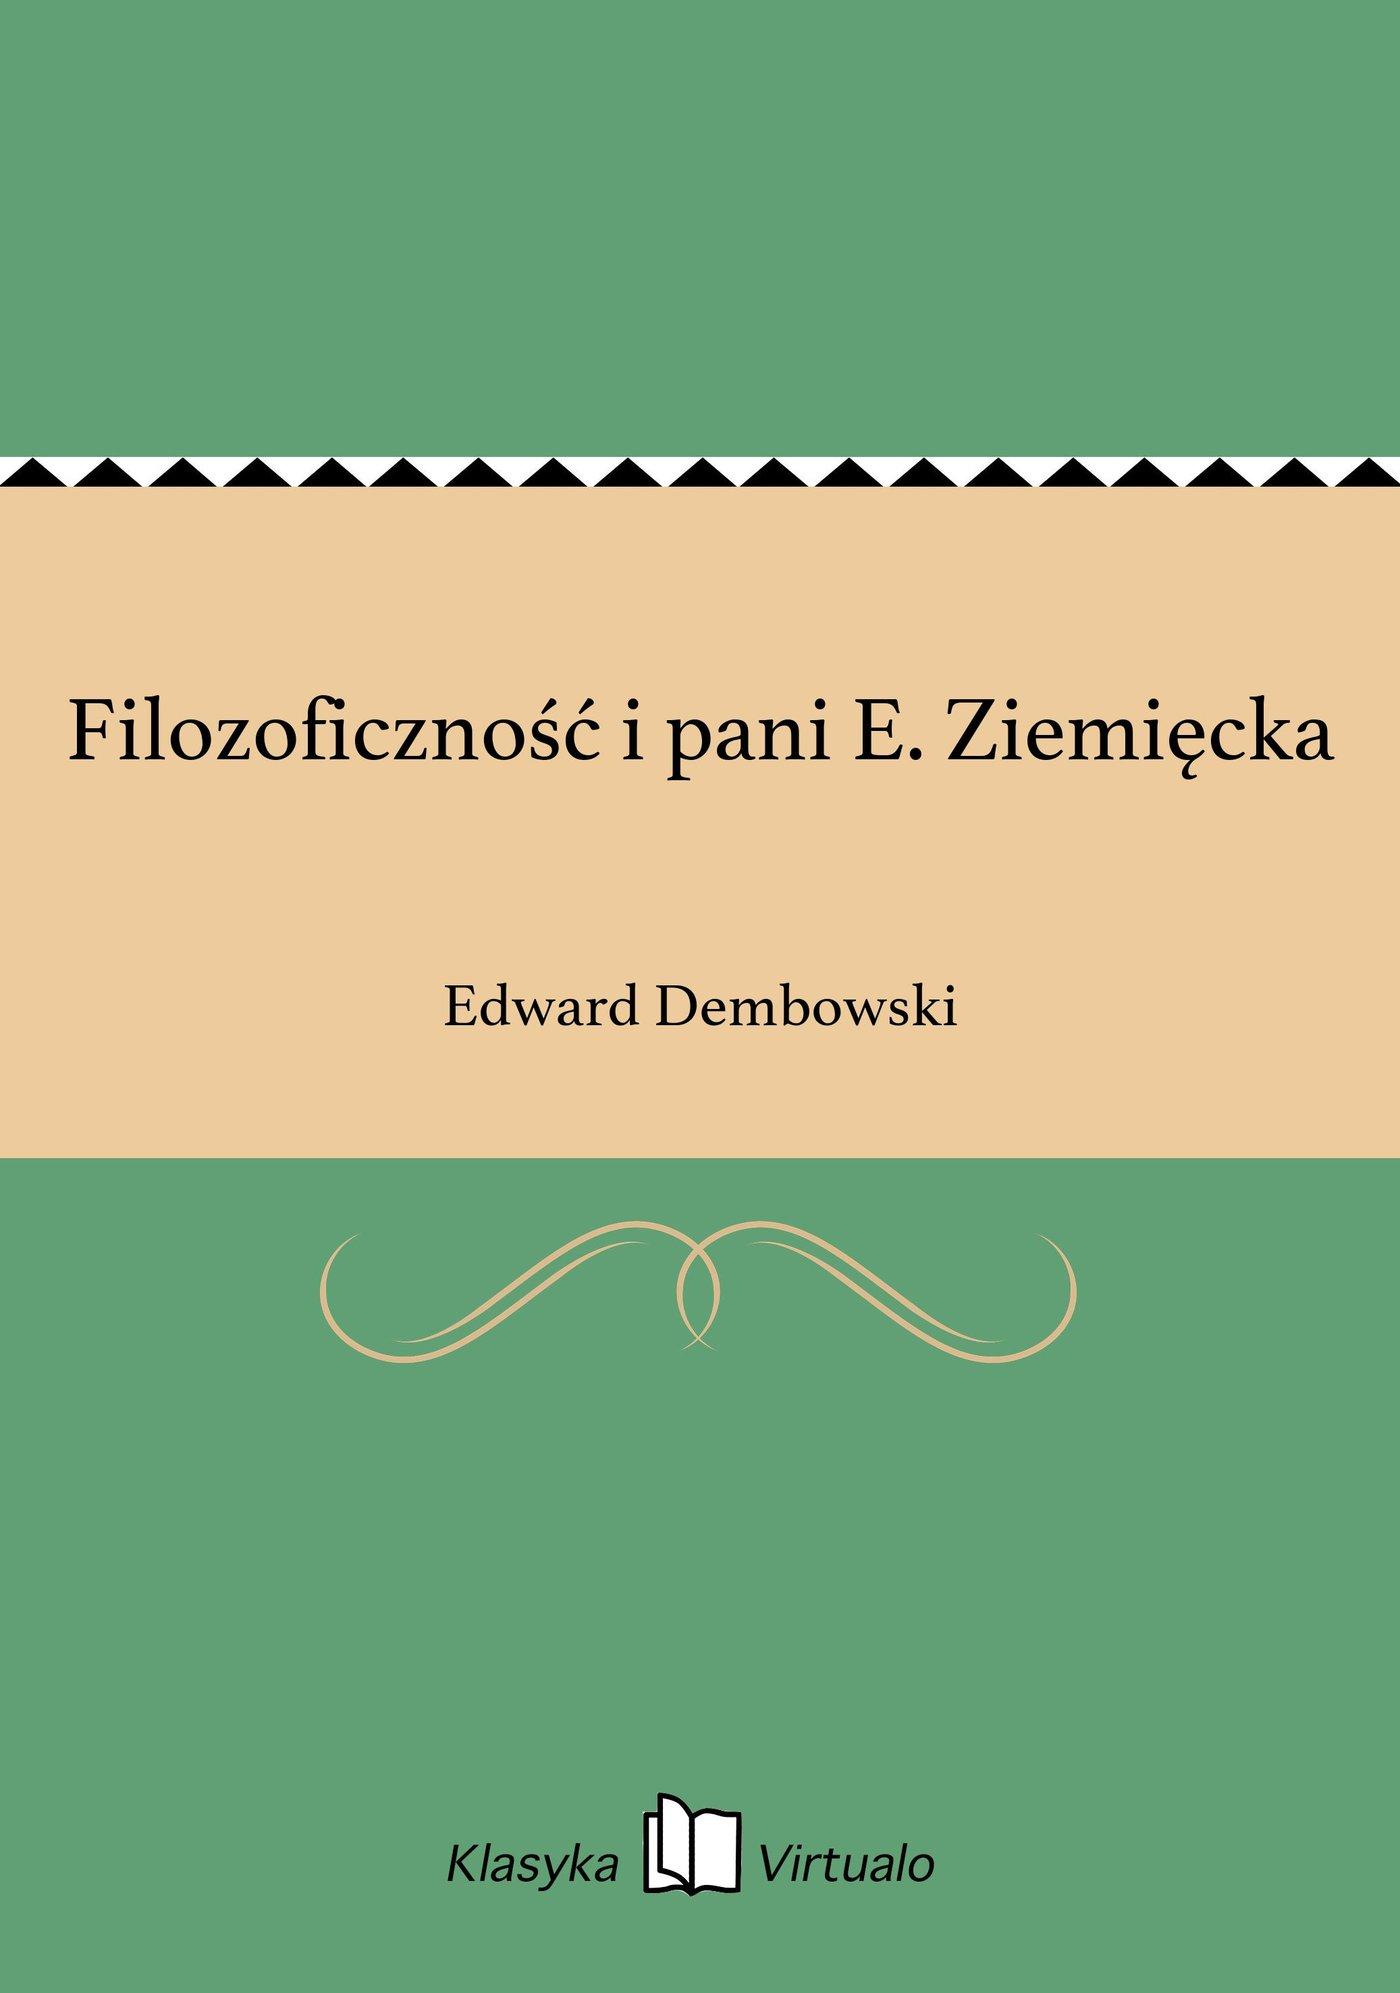 Filozoficzność i pani E. Ziemięcka - Ebook (Książka na Kindle) do pobrania w formacie MOBI